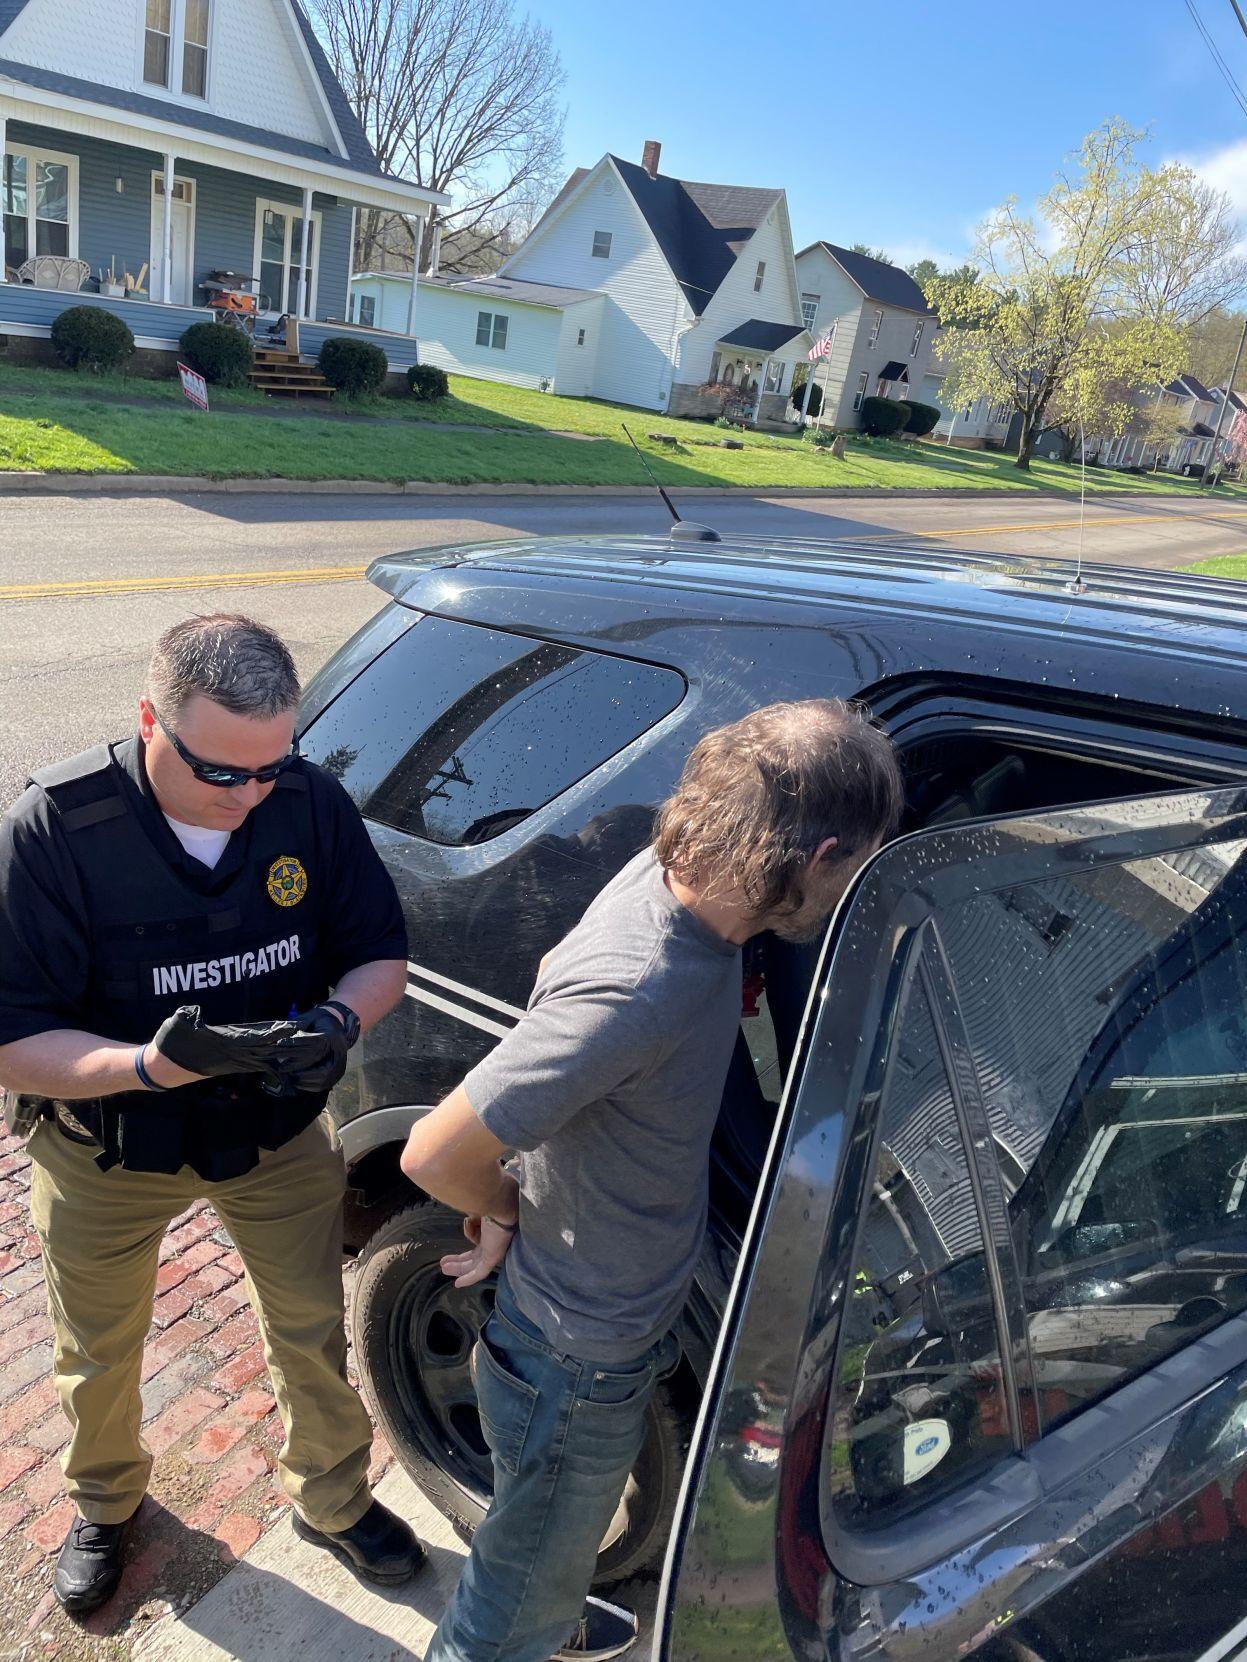 Roger Rutter arrested